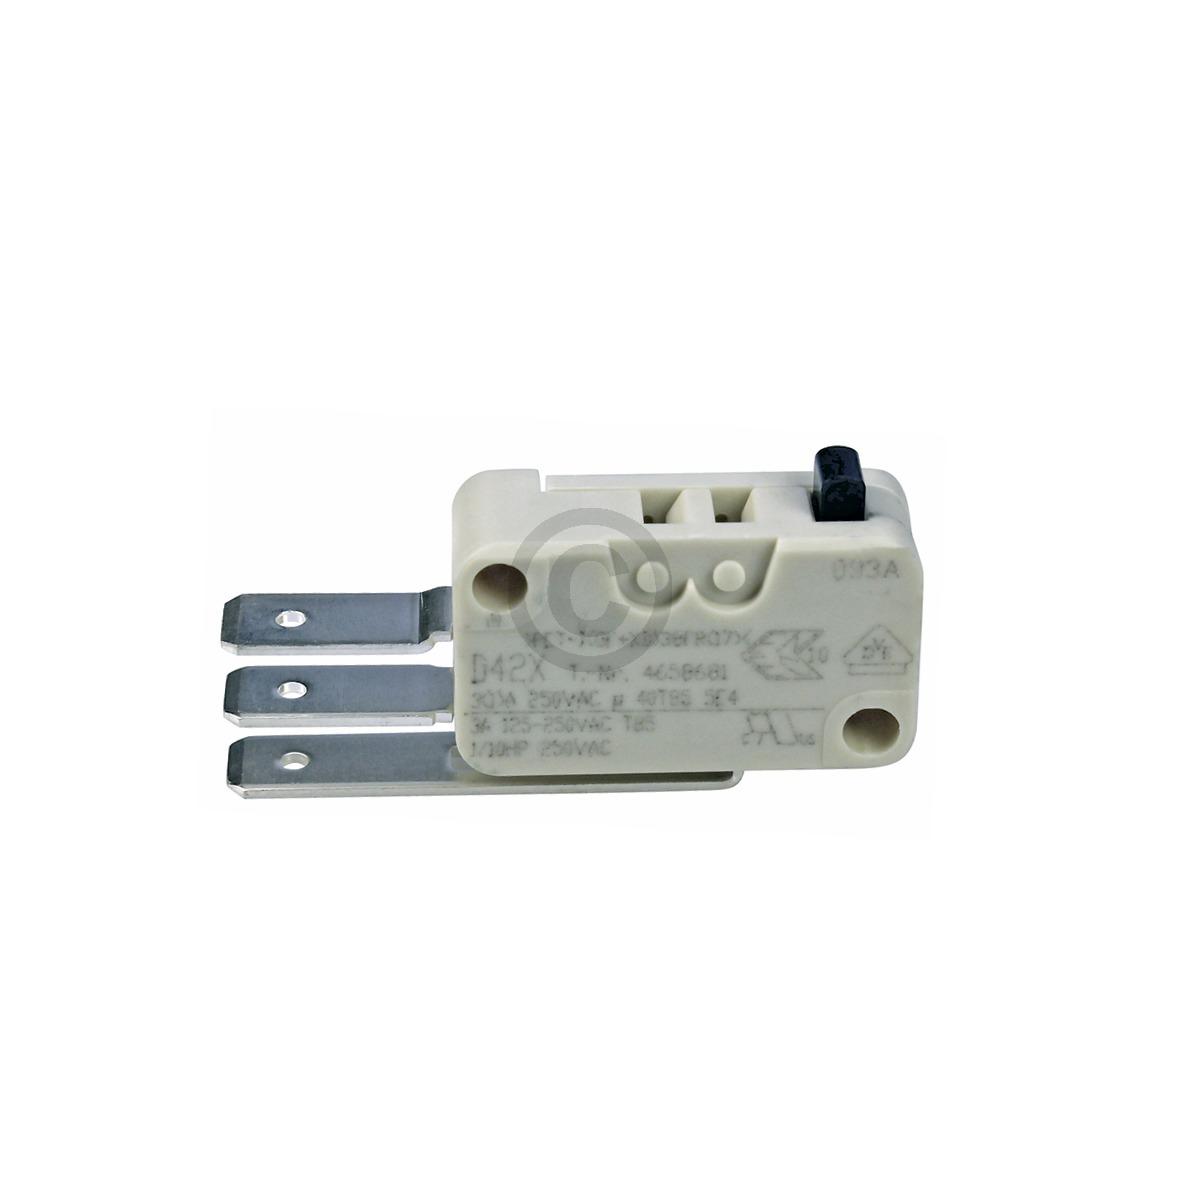 Miele Mikroschalter für Wasserstandsregler / Schwimmer 4658672